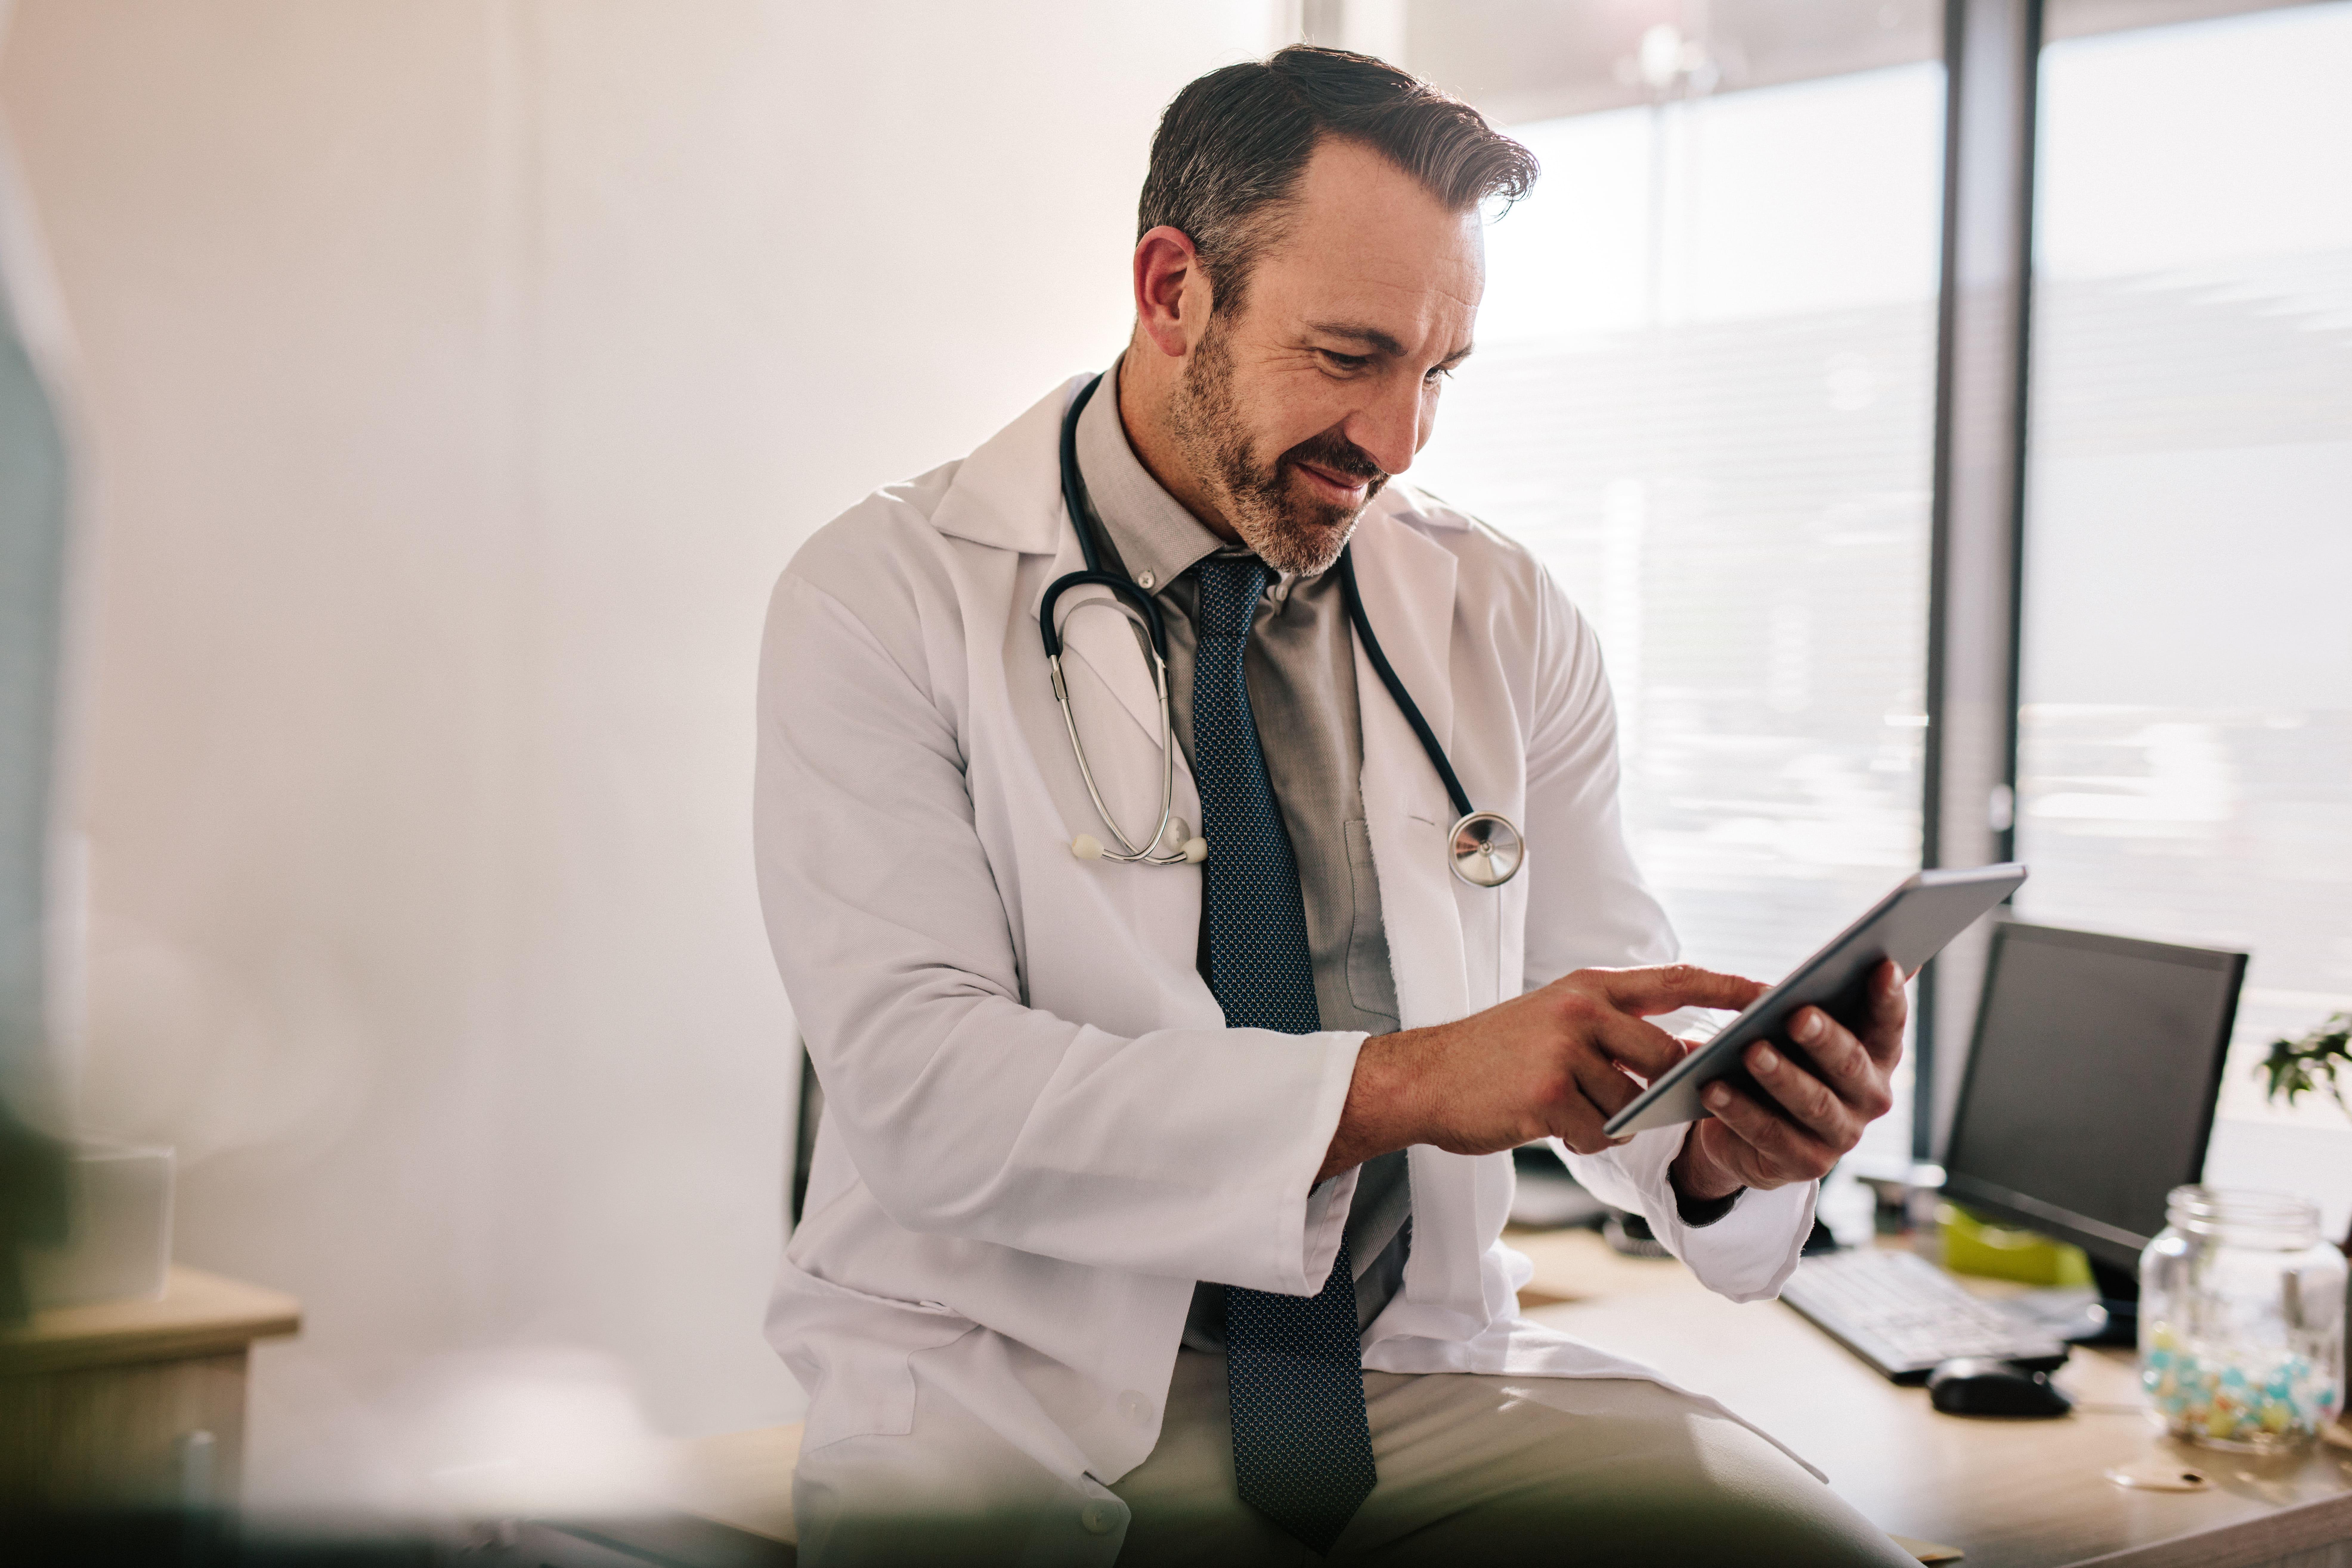 médico olhando o prontuário eletrônico